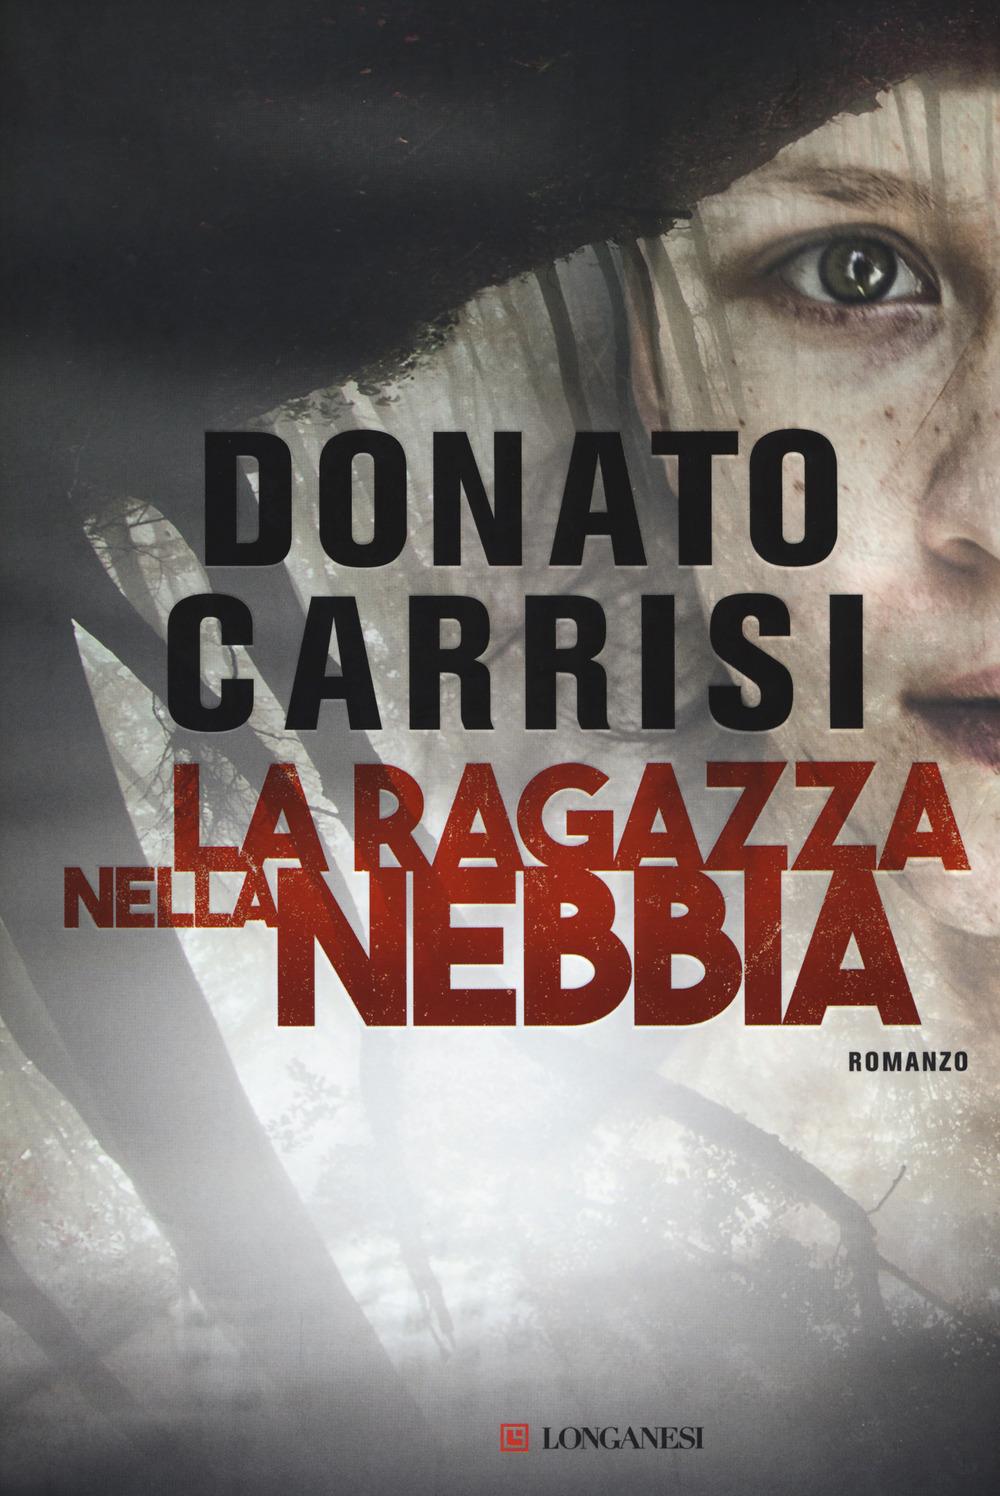 Donato Carrisi – La ragazza nella Nebbia